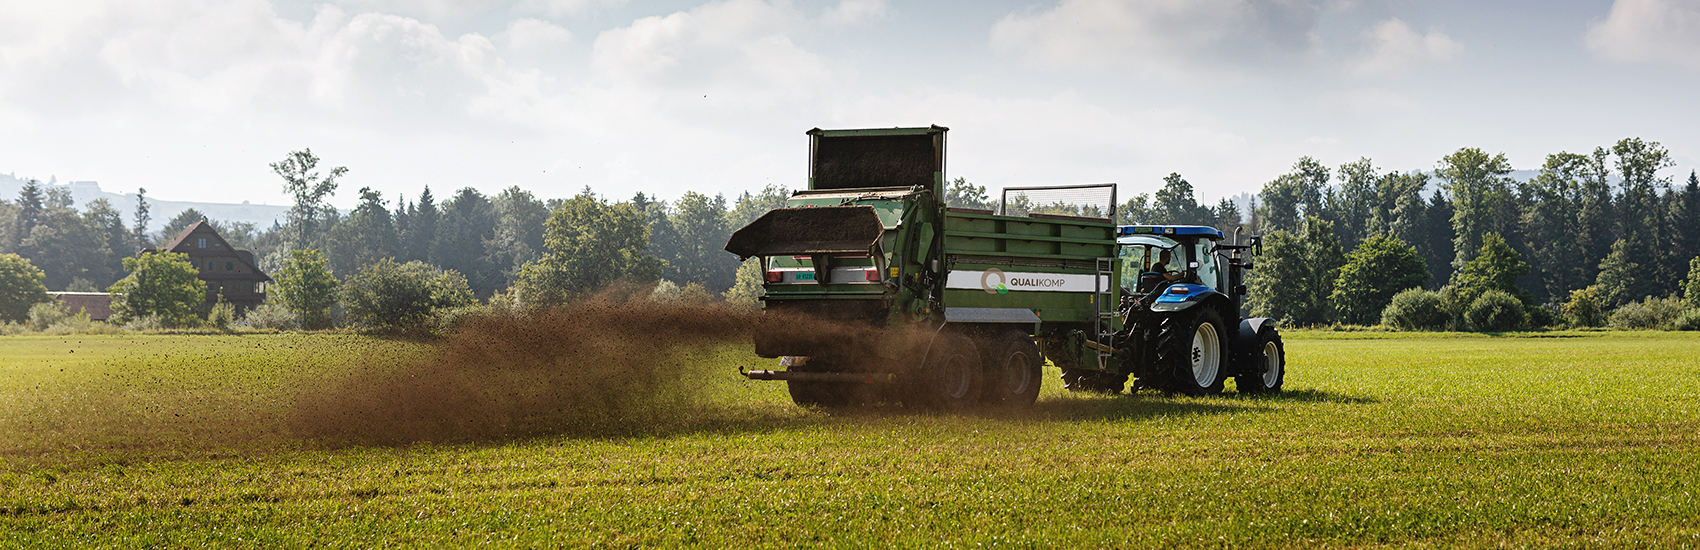 Ausstreuen von Kompost auf dem Feld mit dem Traktor für einen Kunden von Qualikomp AG in Emmen